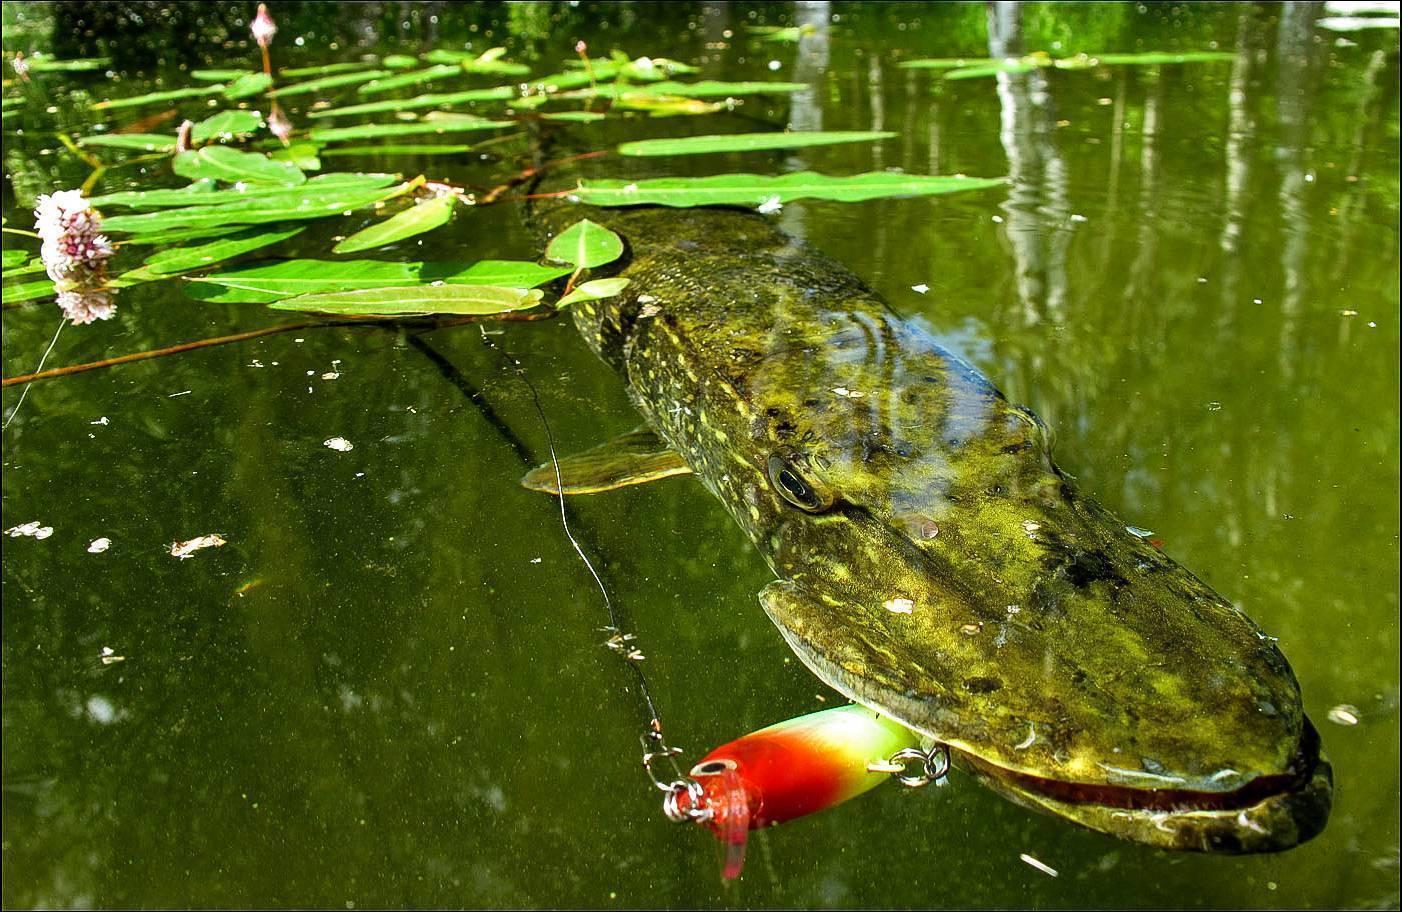 Ловля щуки летом на спиннинг: техника рыбалки и советы новичкам